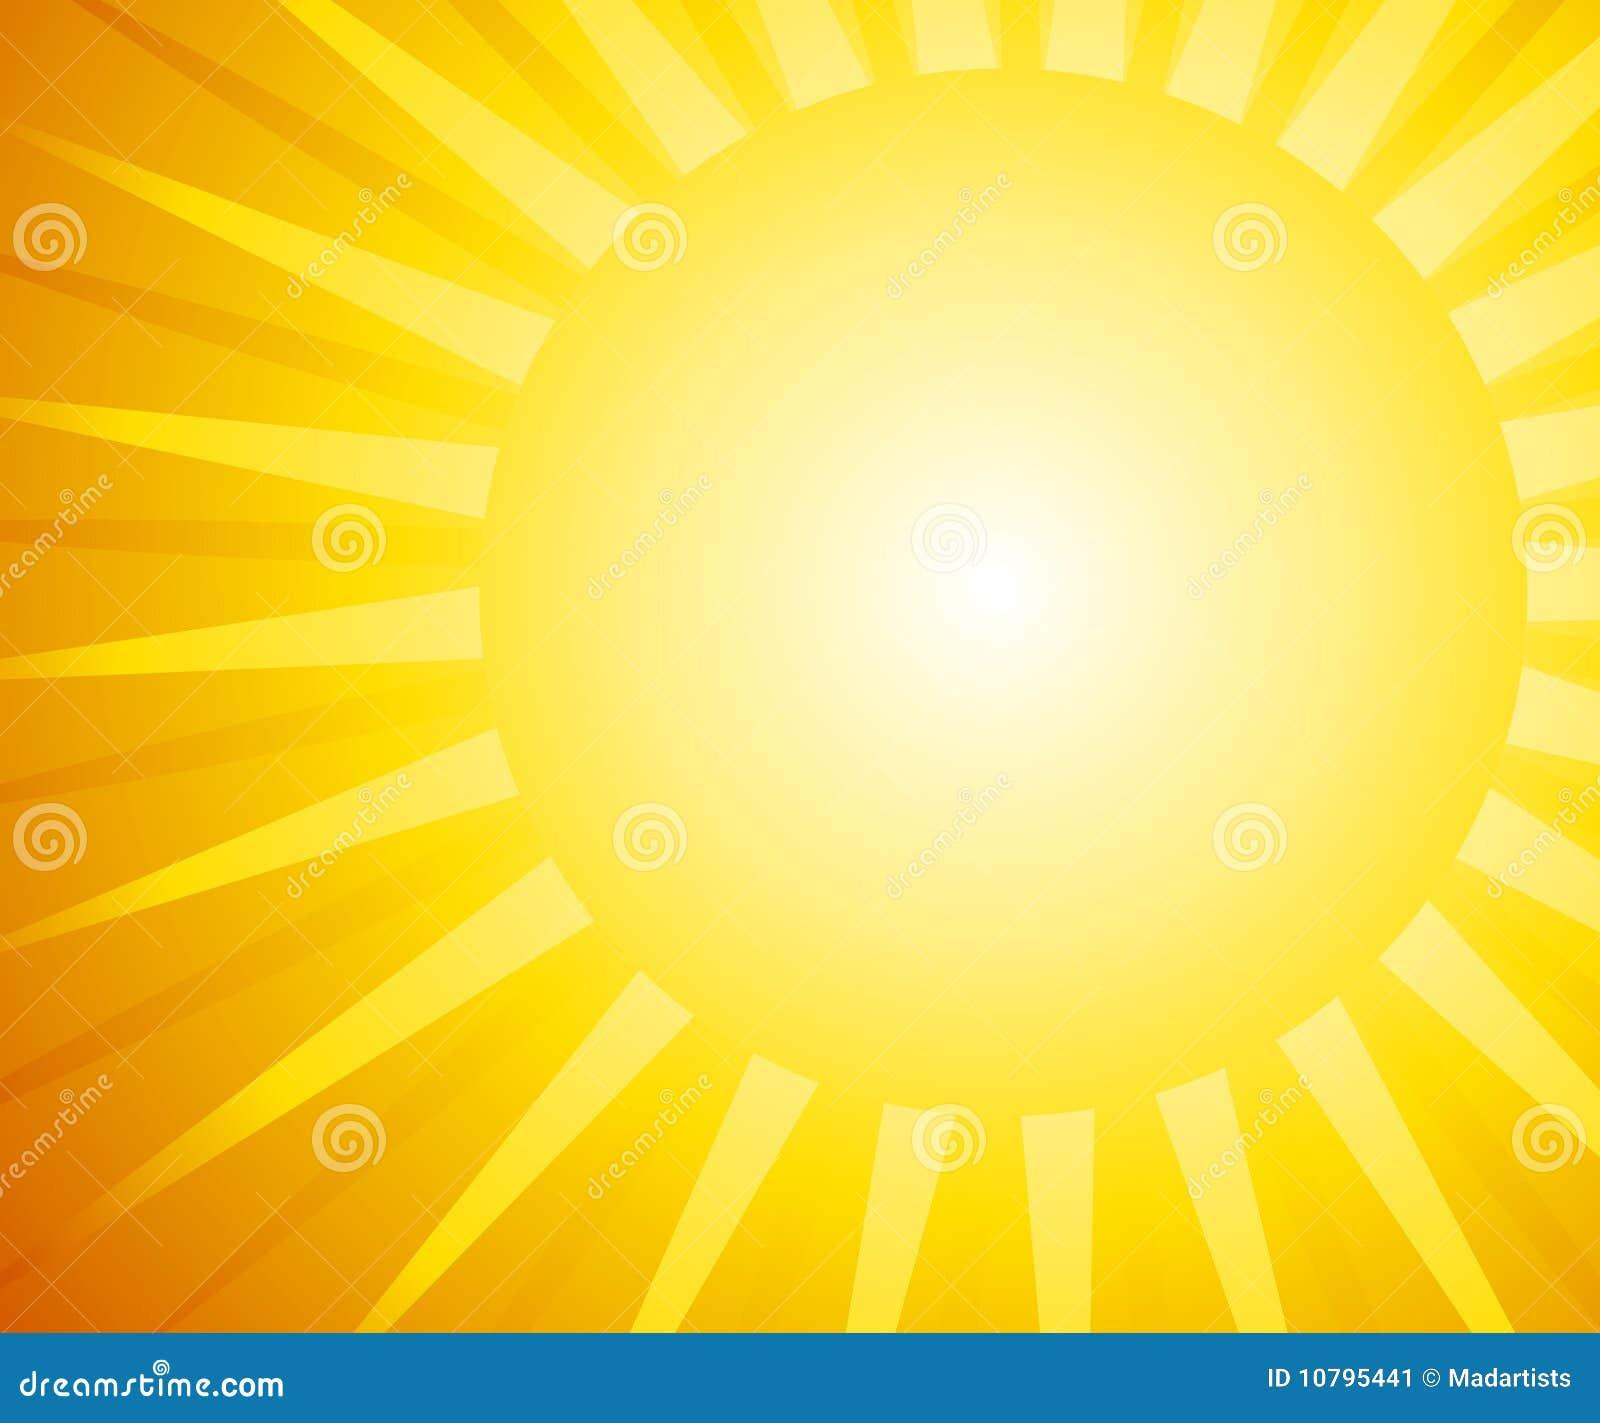 sunshine background stock image image 10795441. Black Bedroom Furniture Sets. Home Design Ideas